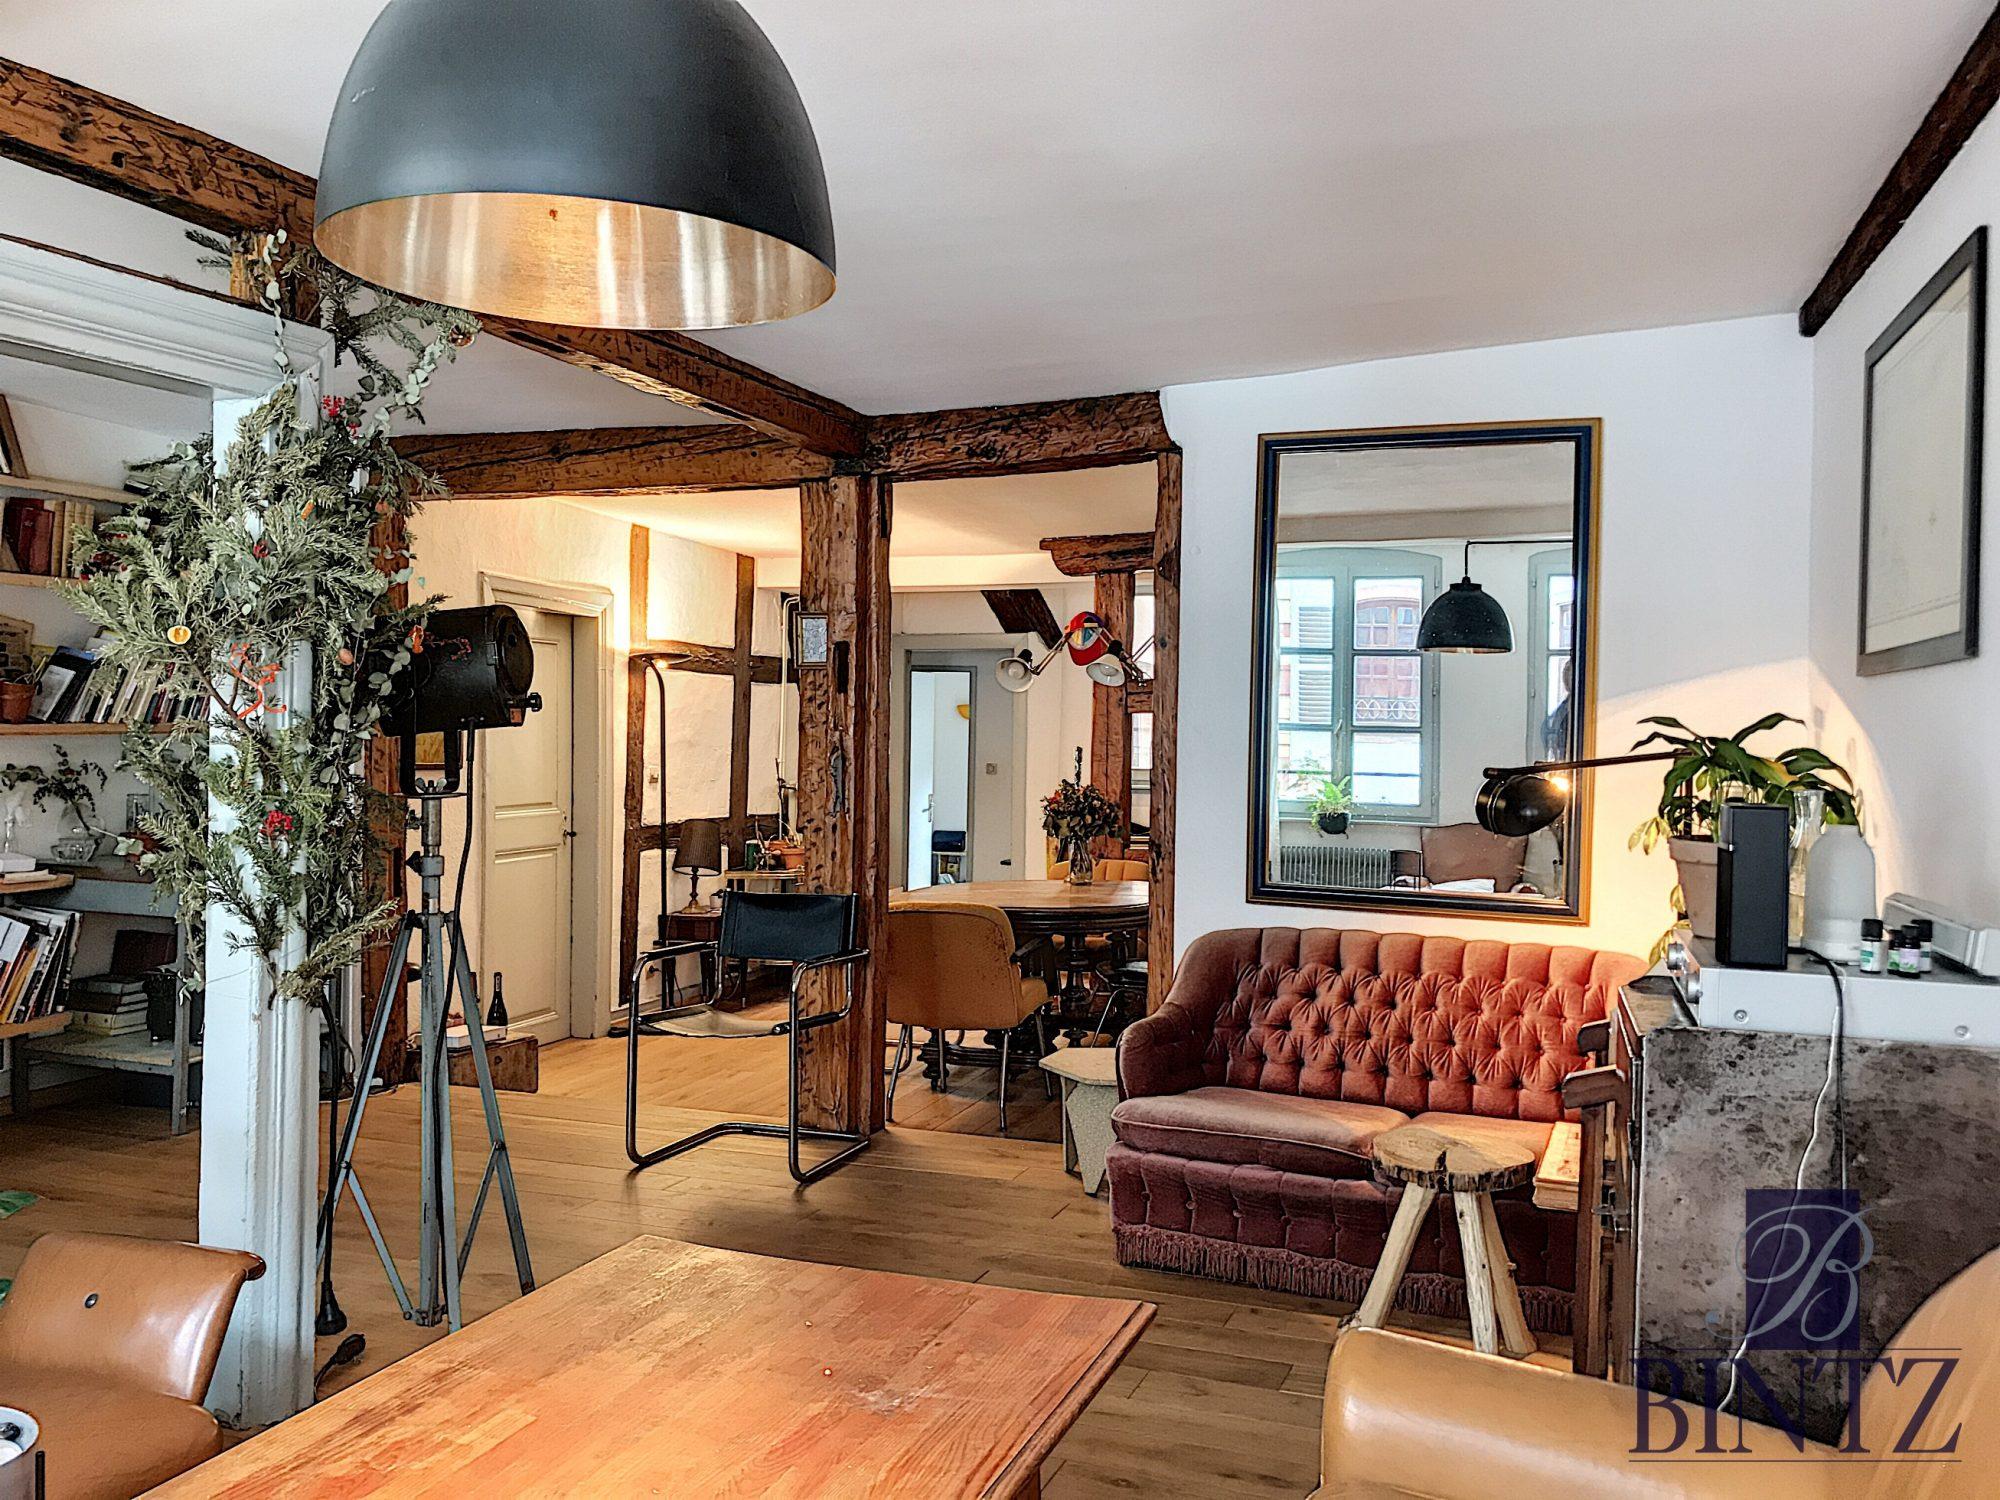 4 PIÈCES FACE À LA CATHÉDRALE - Devenez locataire en toute sérénité - Bintz Immobilier - 3